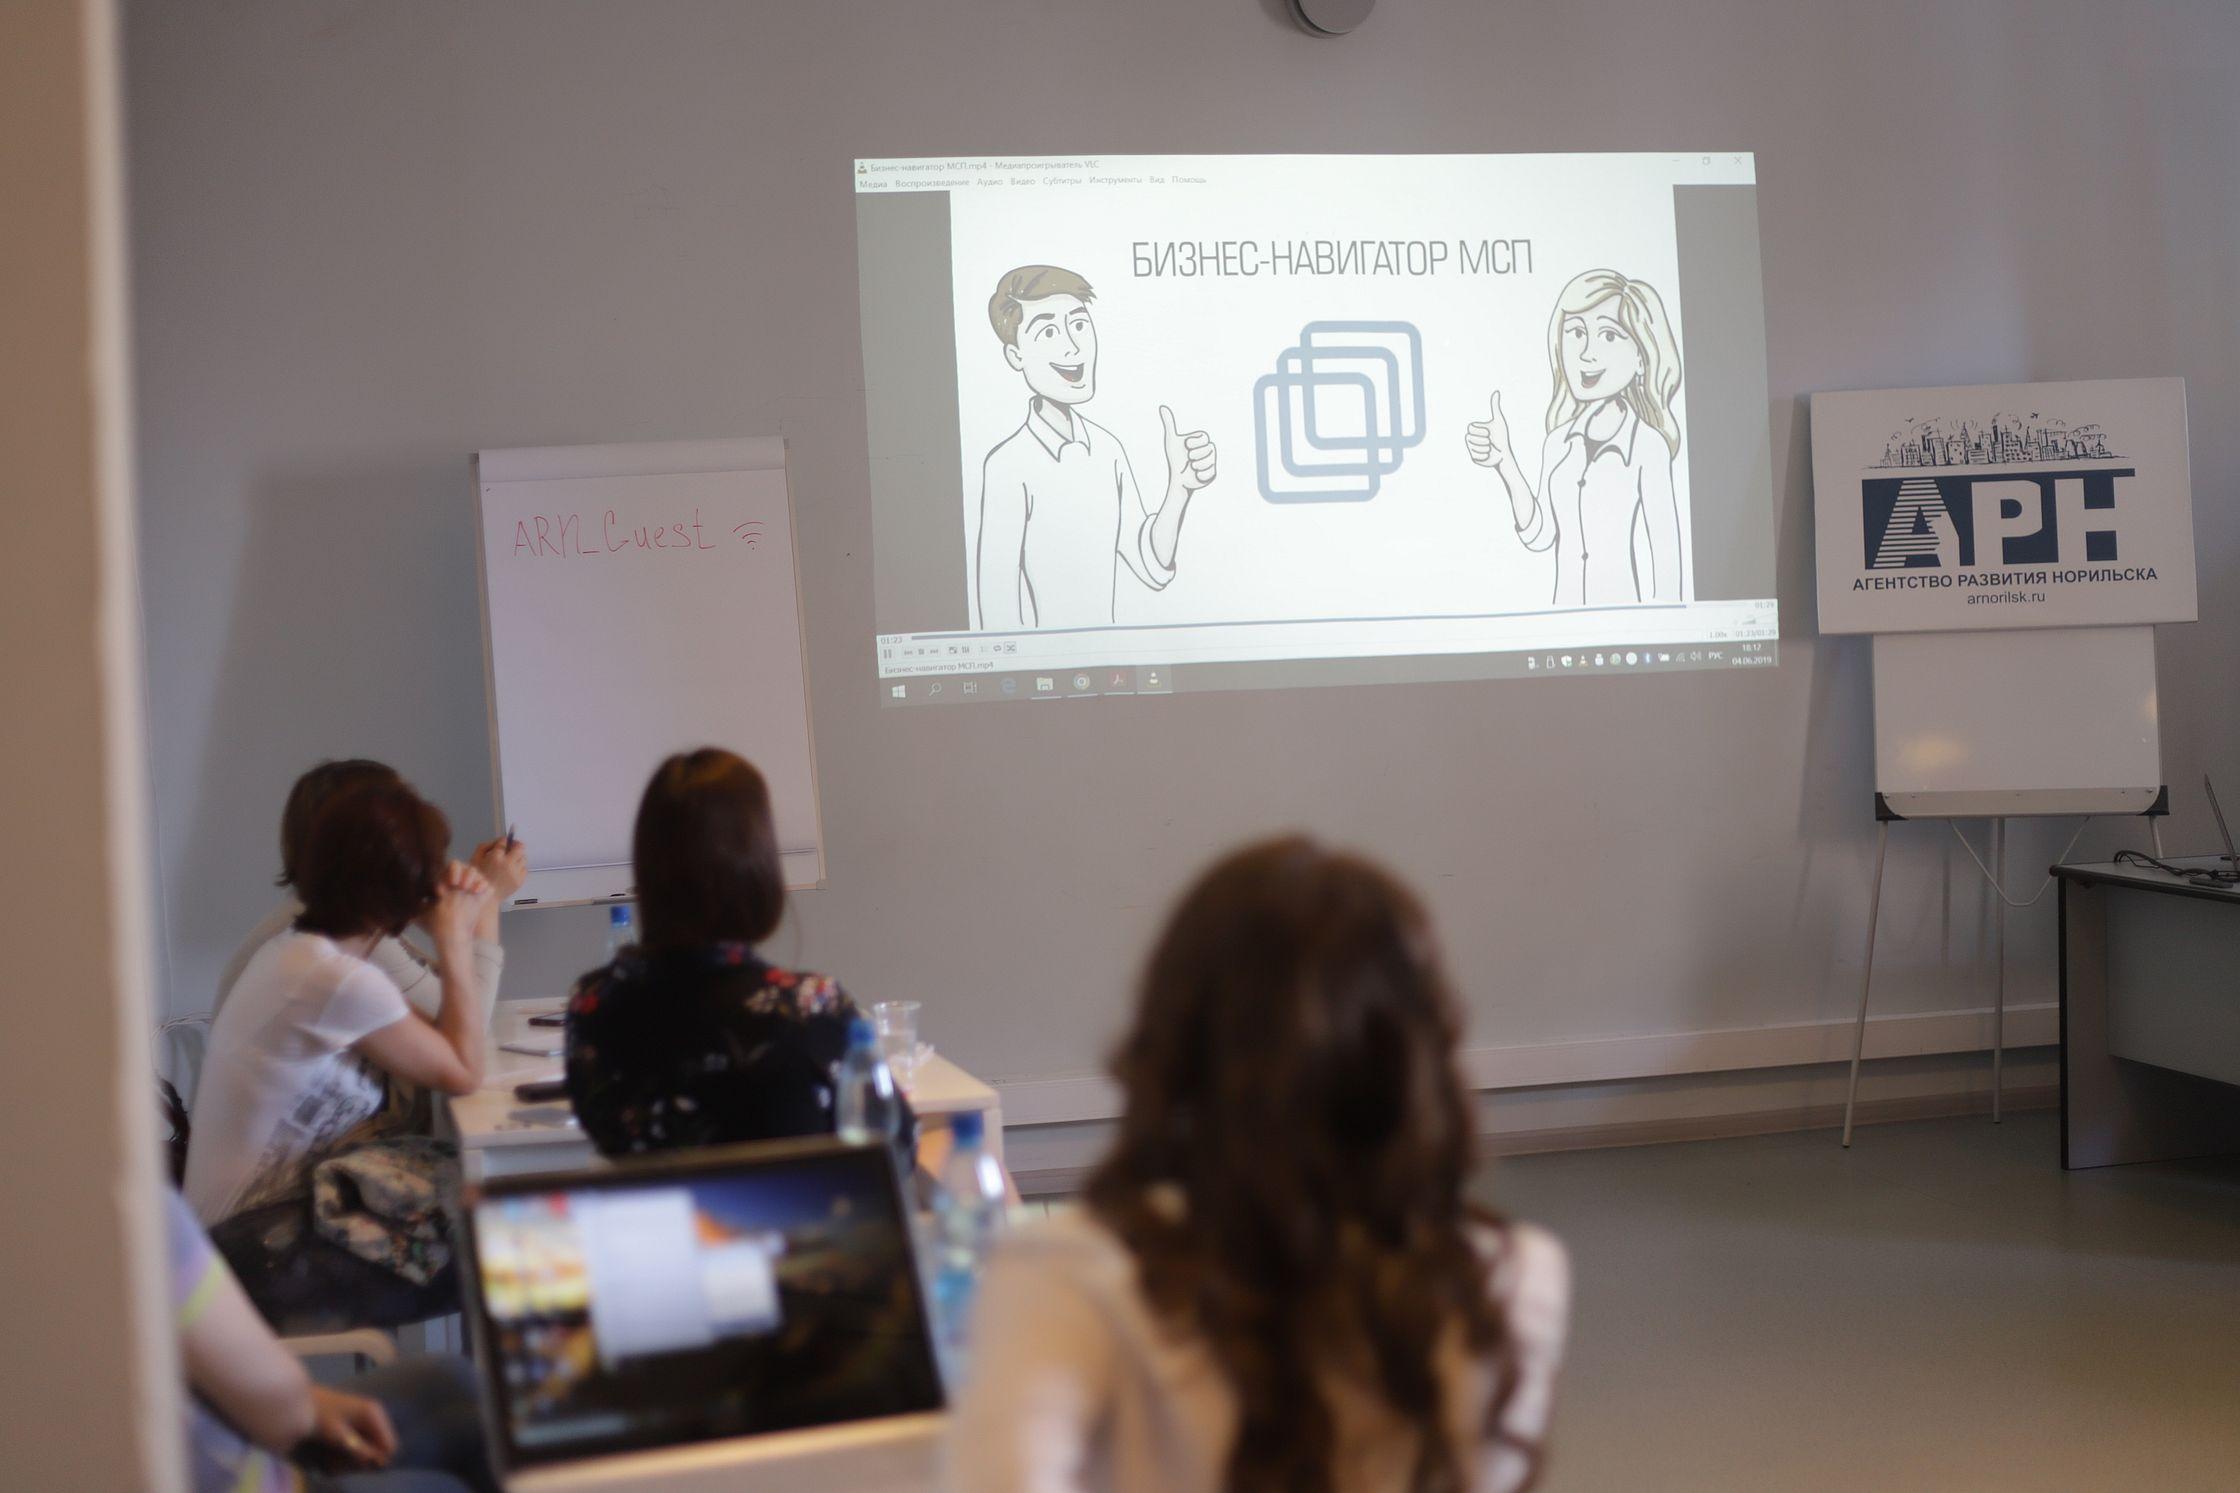 Агентство развития Норильска приглашает предпринимателей на тренинг